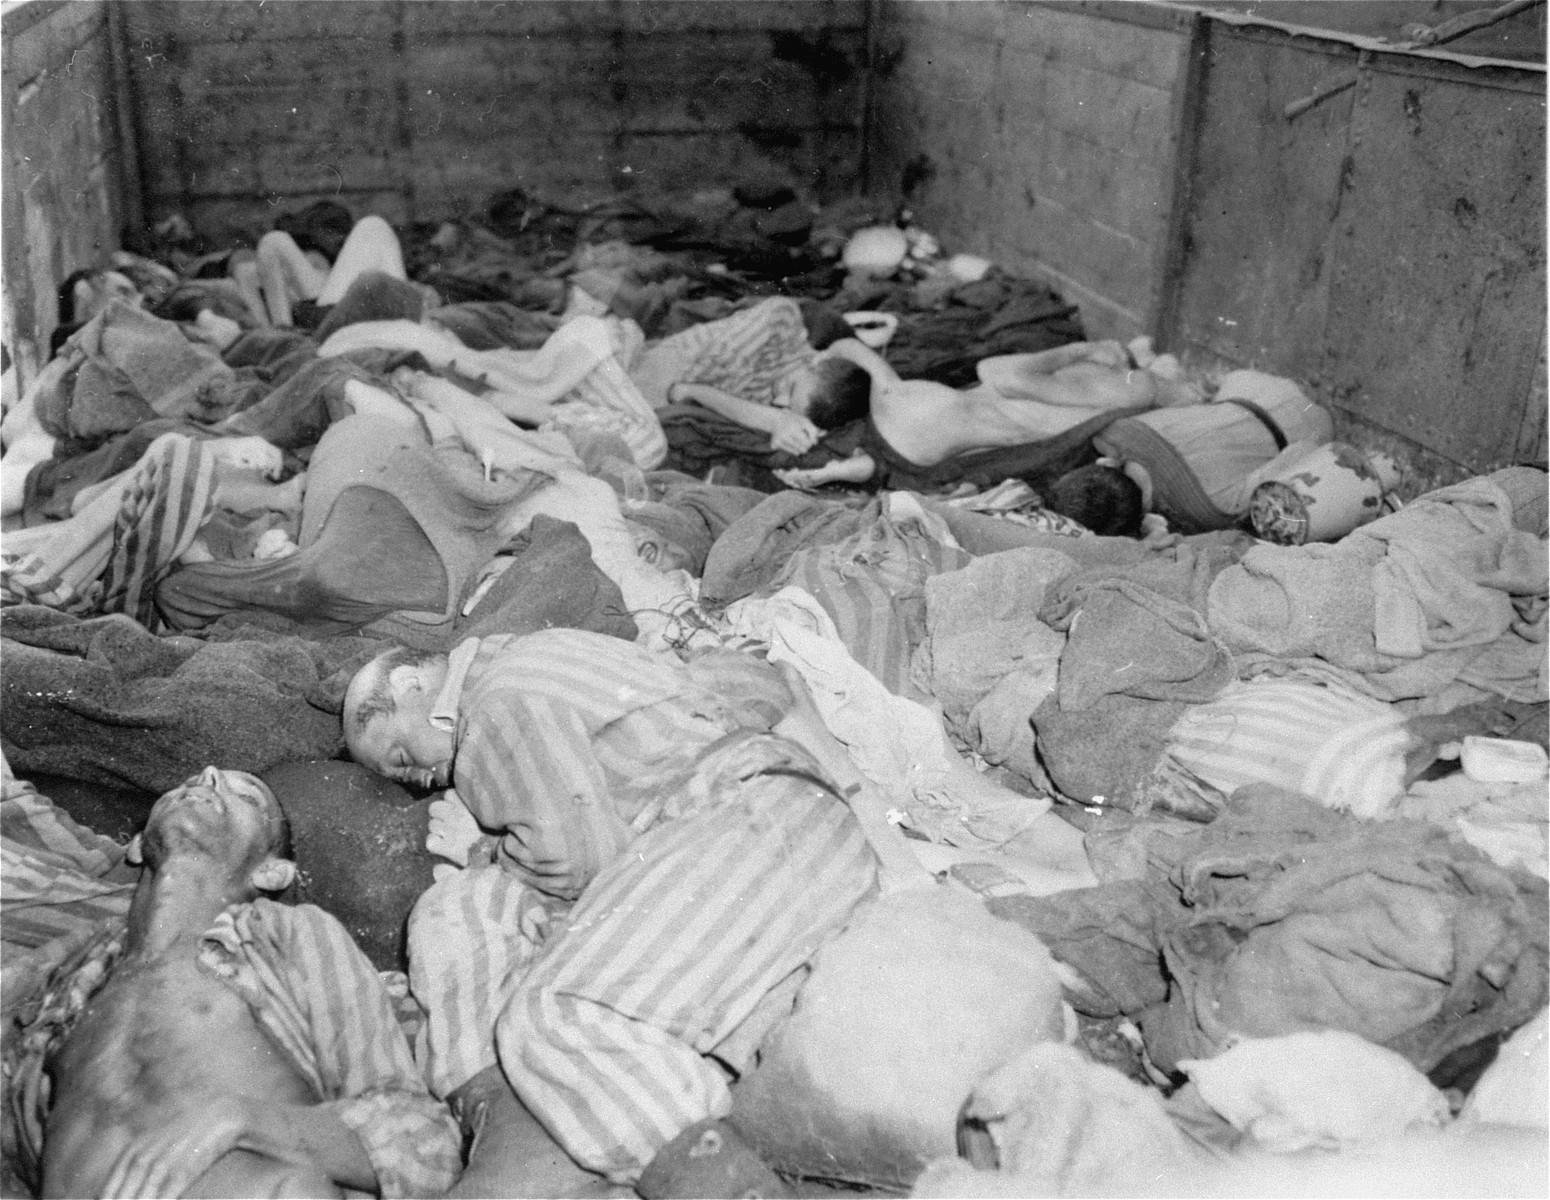 Nackte Aufnahmen von Sleepover Party Massaker